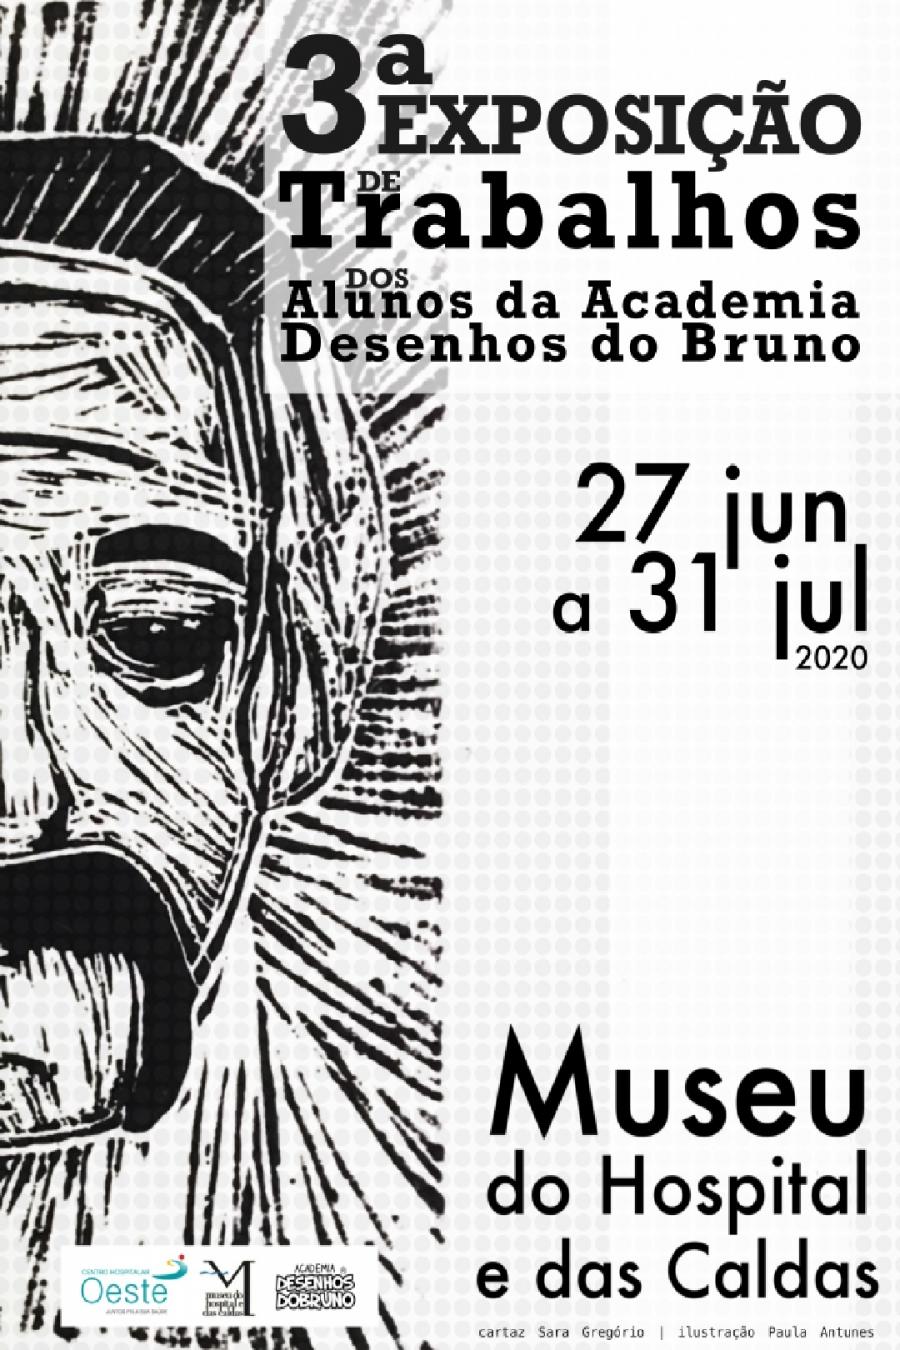 3ª Exposição dos Alunos da Academia 'Desenhos do Bruno'